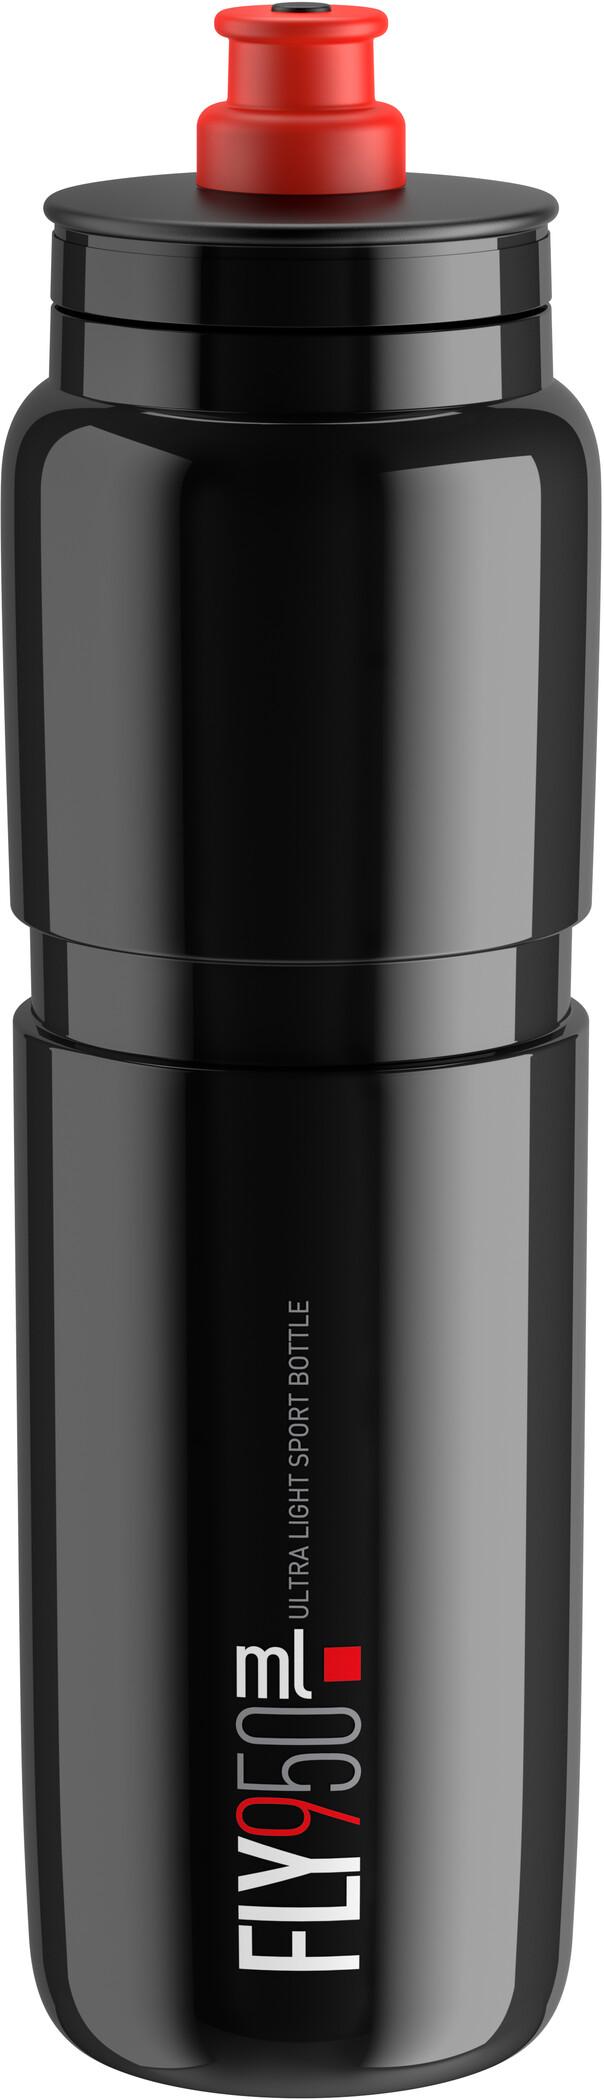 Elite Fly Drinking Bottle 950ml, black/red logo (2019)   Bottles